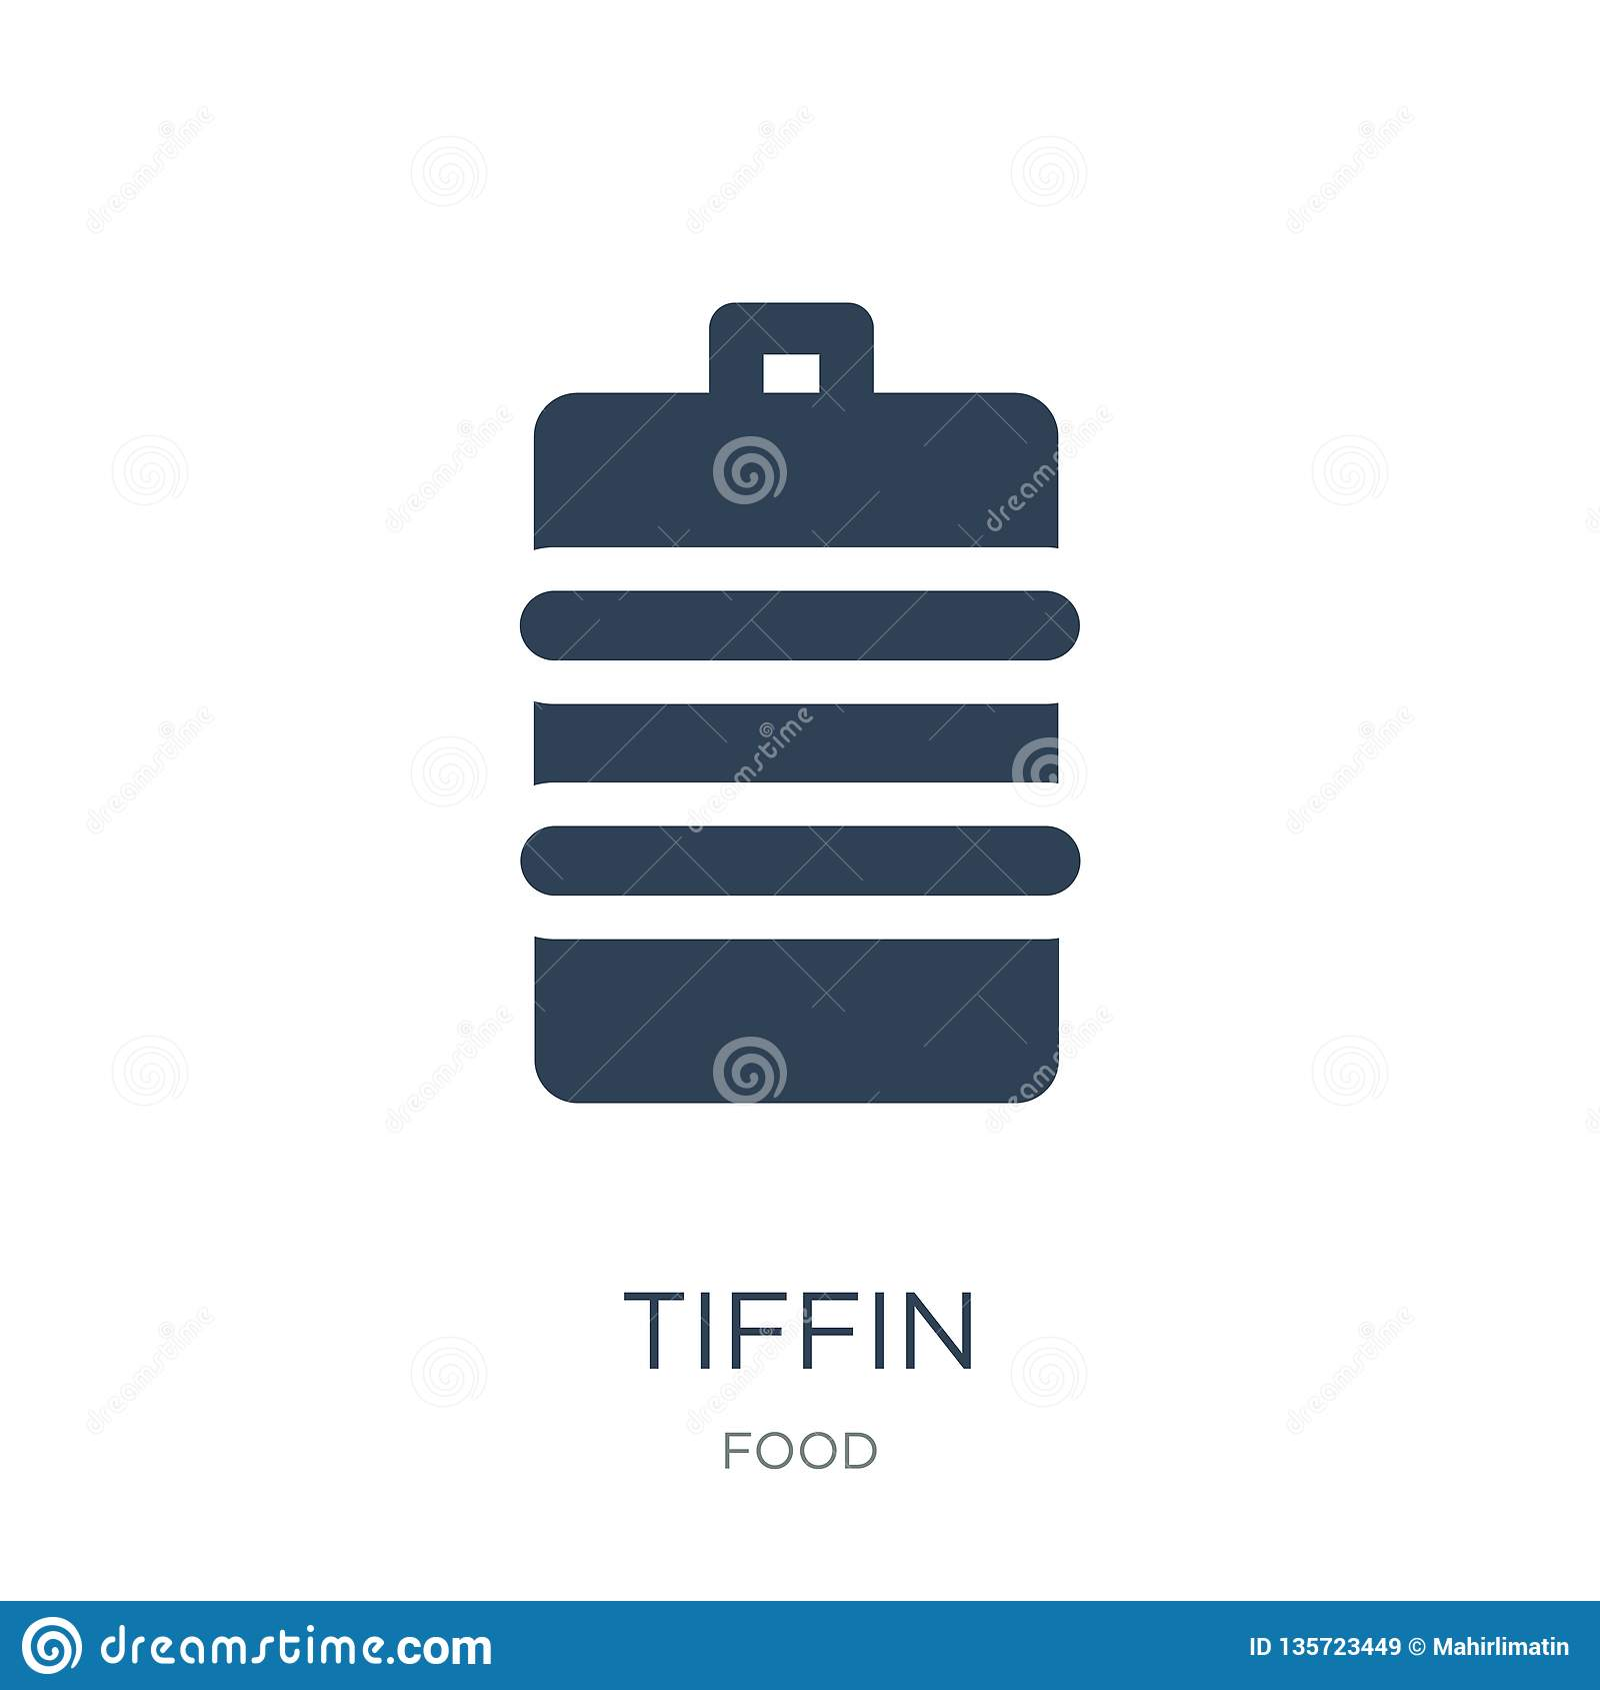 Tiffin Ikone in der modischen Entwurfsart tiffin Ikone lokalisiert auf weißem Hintergrund einfaches und modernes flaches Symbol d